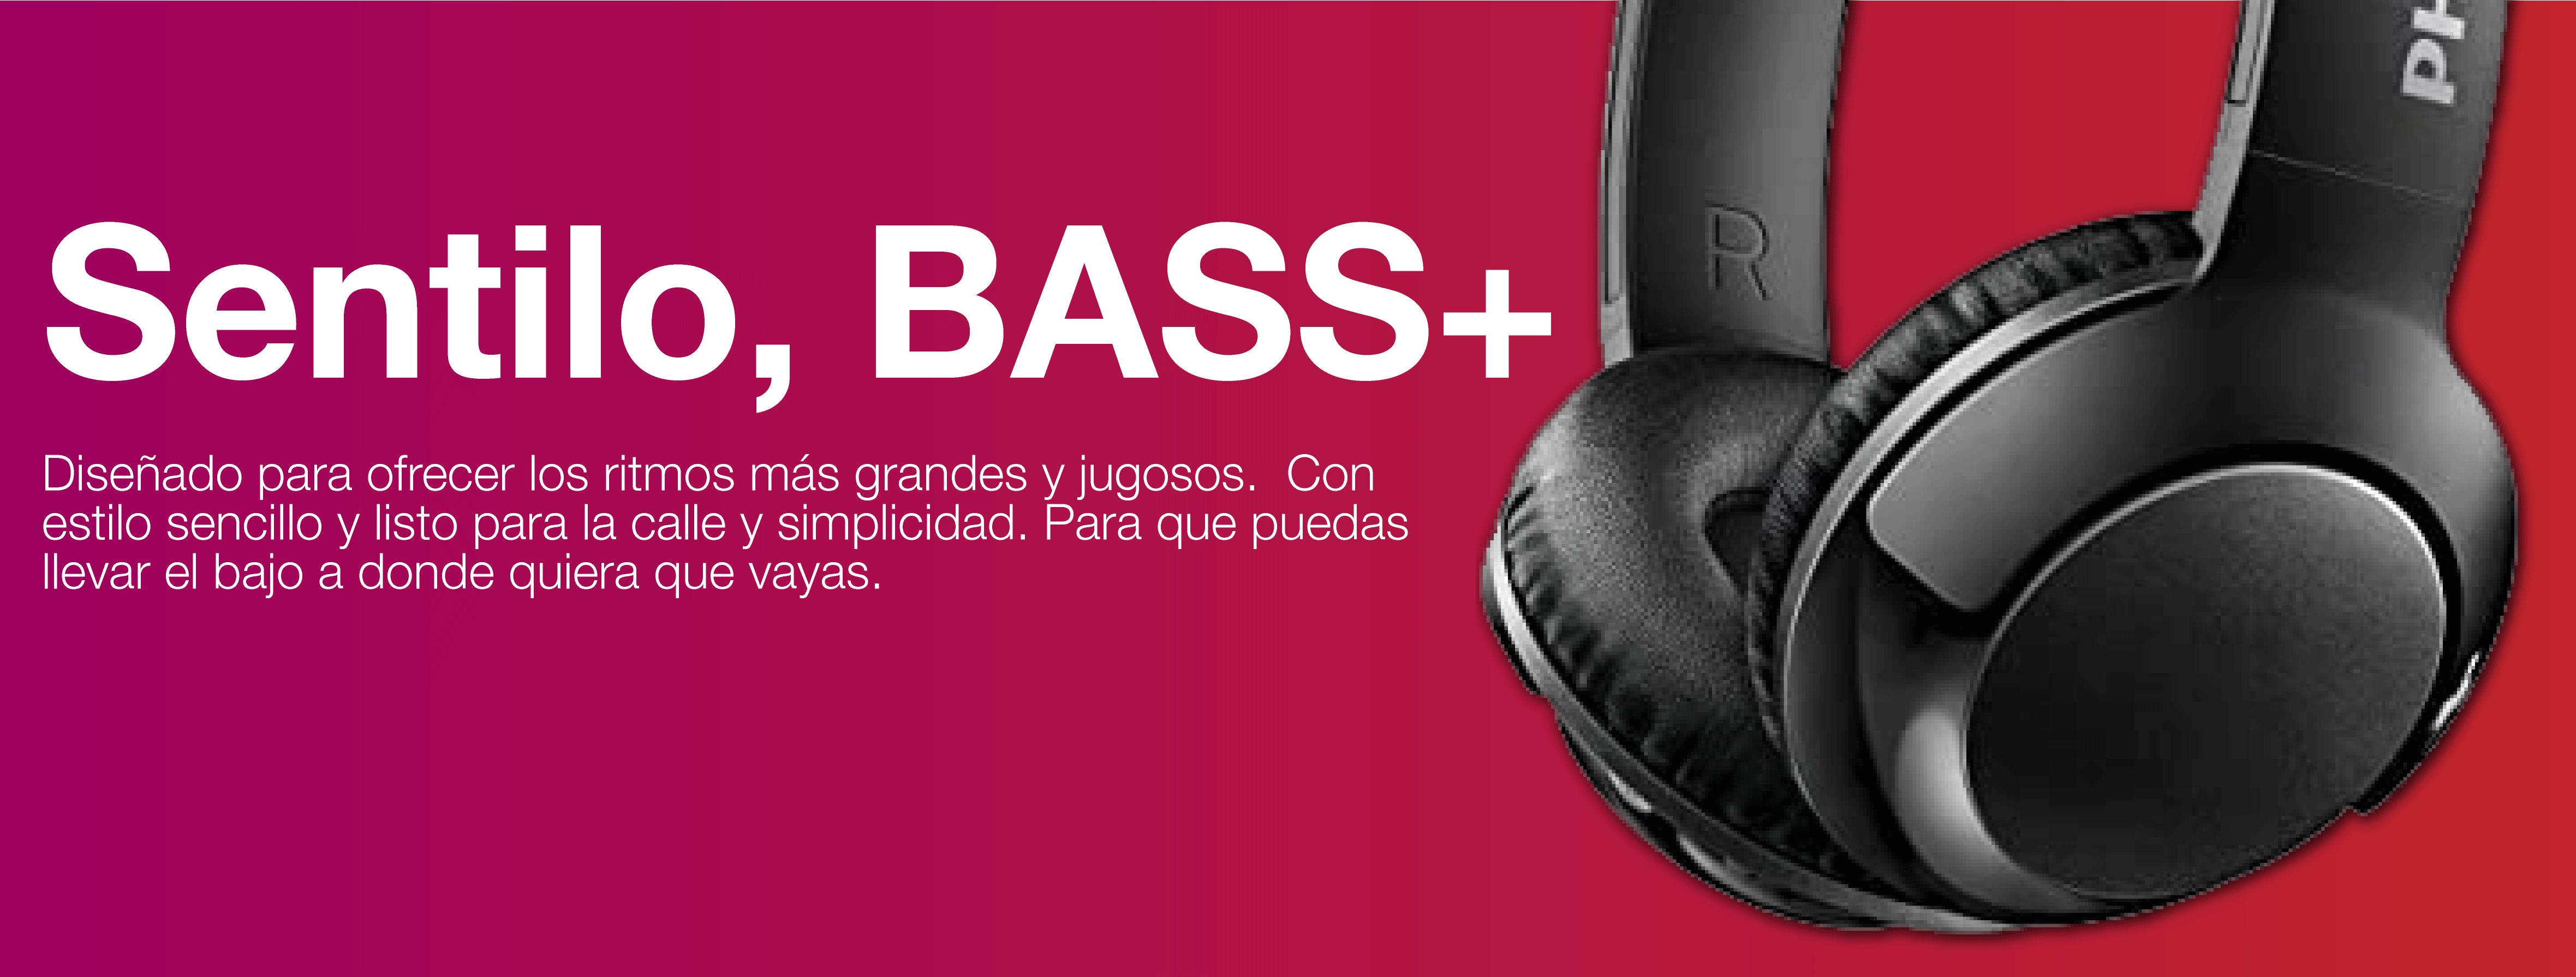 banner-audifonos-bass